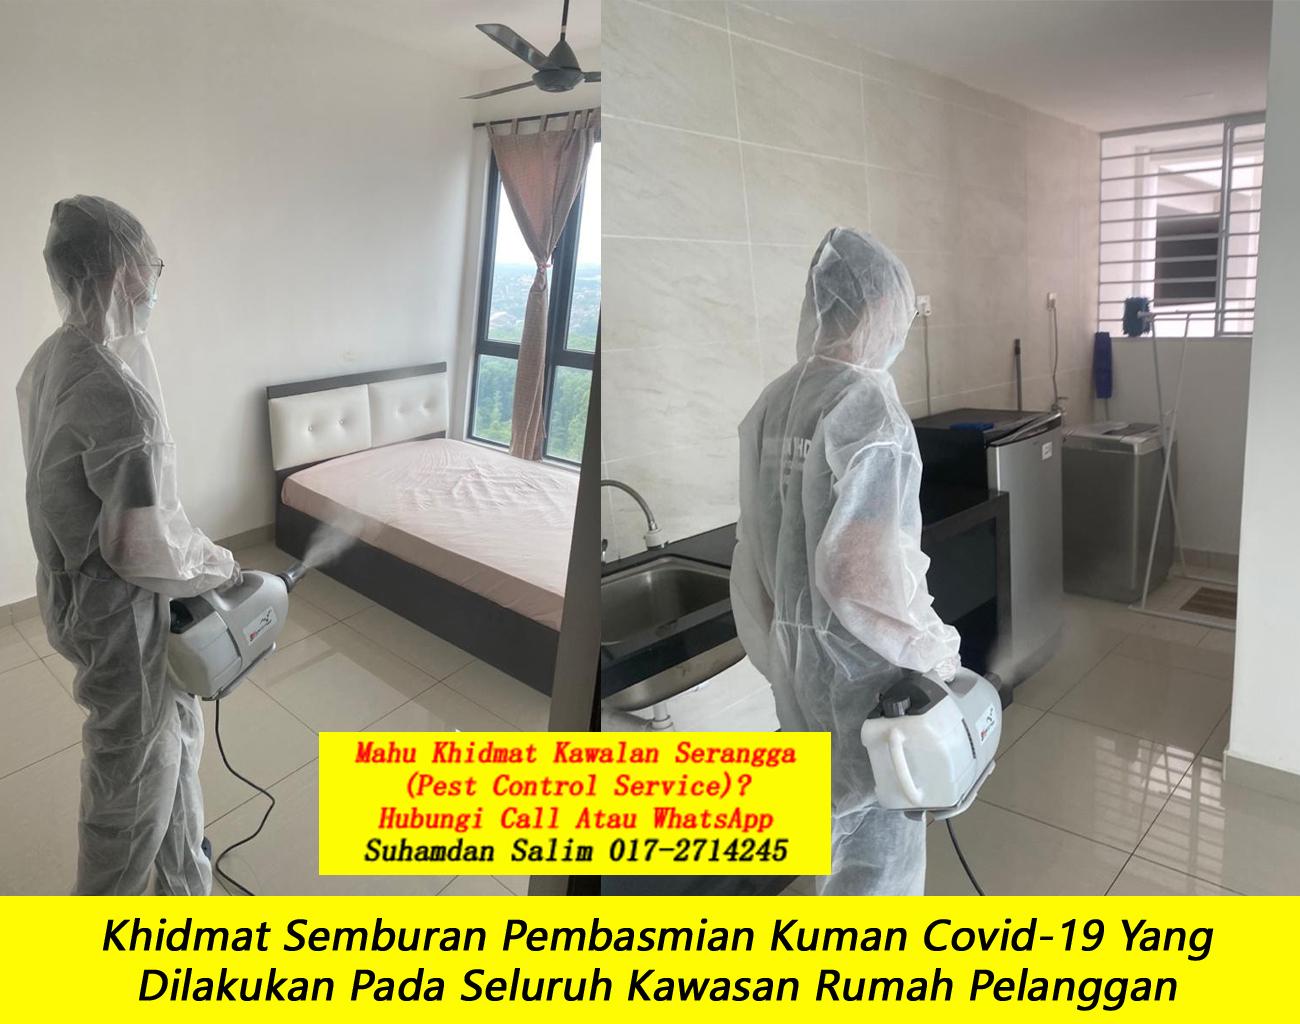 khidmat sanitizing membasmi kuman Covid-19 Disinfection Service semburan sanitize covid 19 paling berkesan dengan harga berpatutan the best service covid-19 Kuchai Lama kl